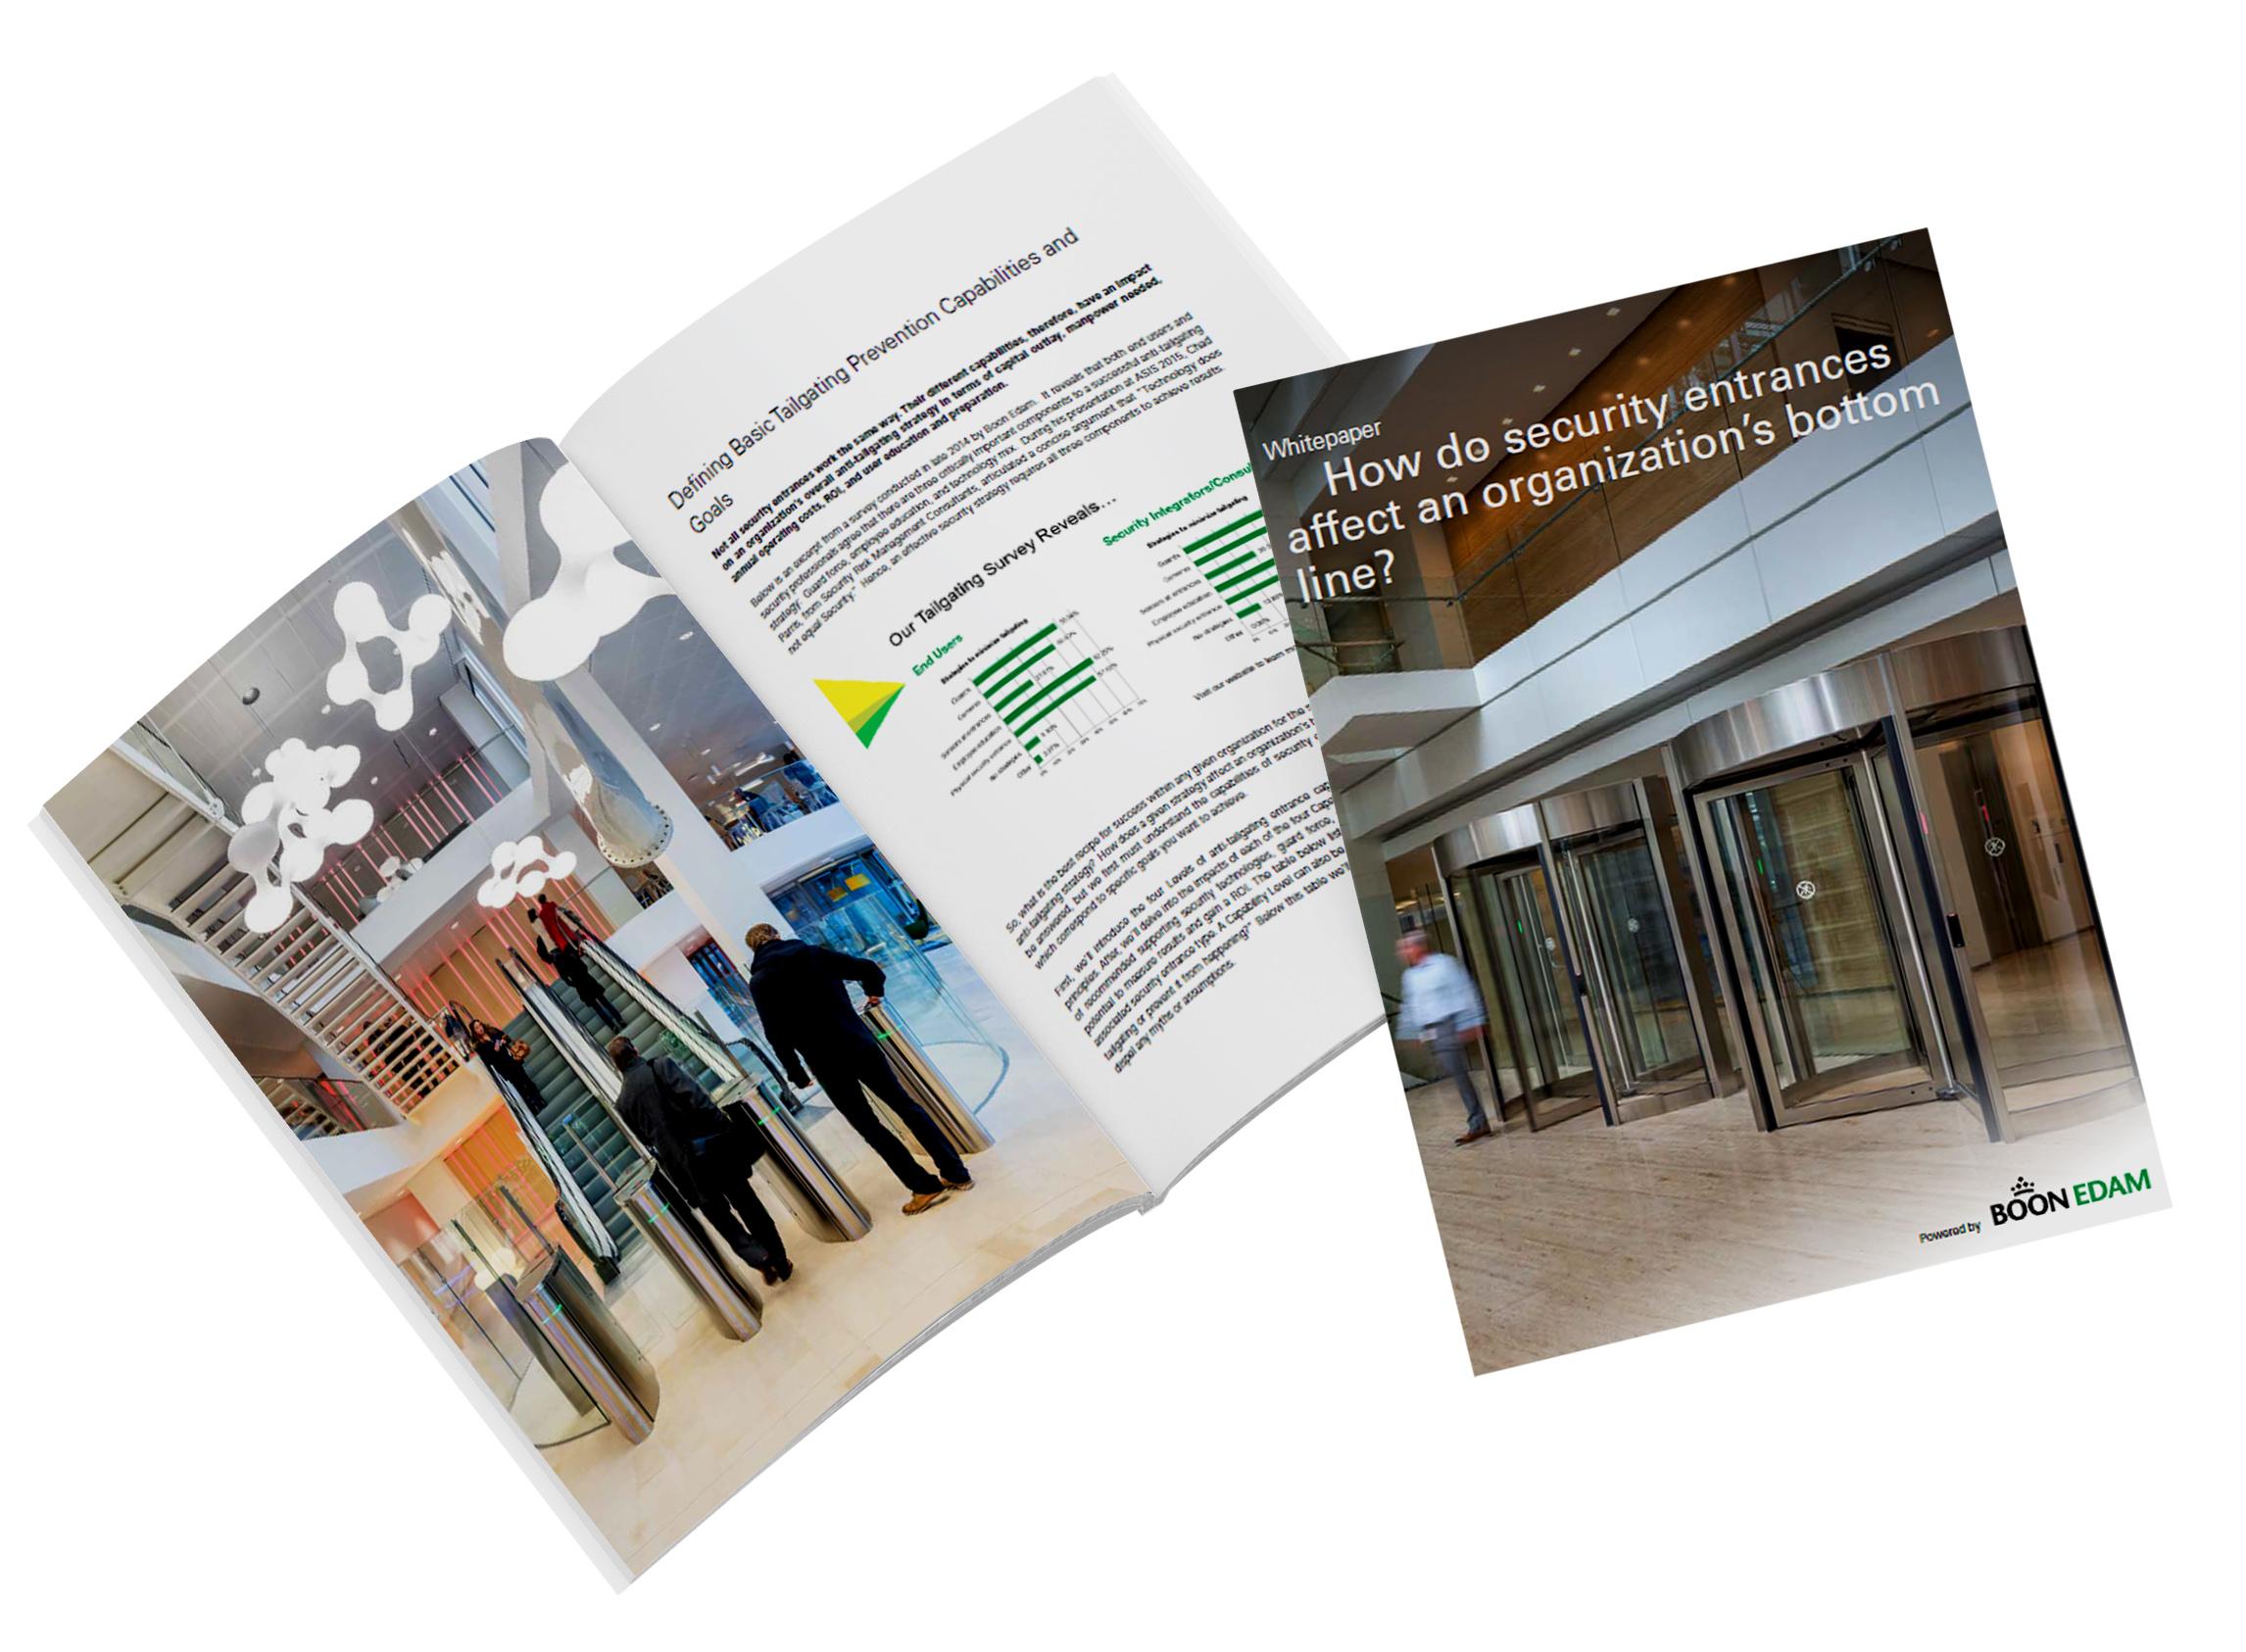 01_LP_Whitepaper_Security Entrances Affect Bottom Line_Paper Image.jpg